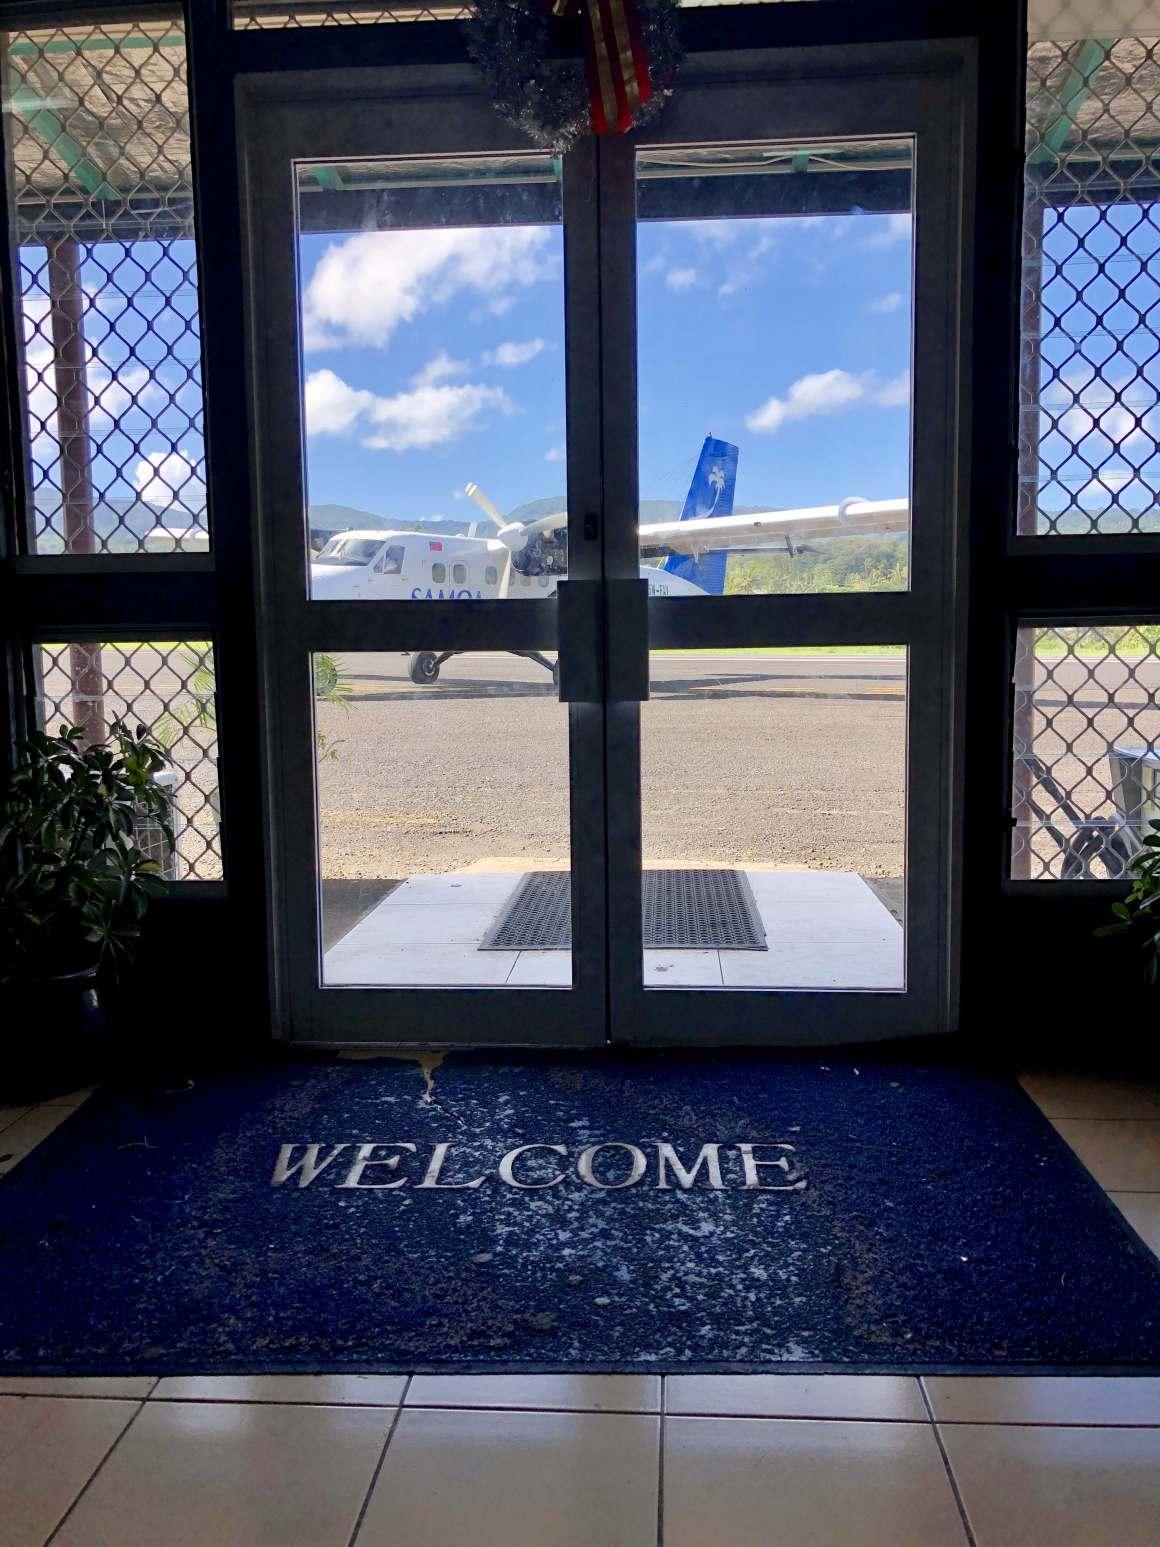 Fagali'i Airport in Samoa